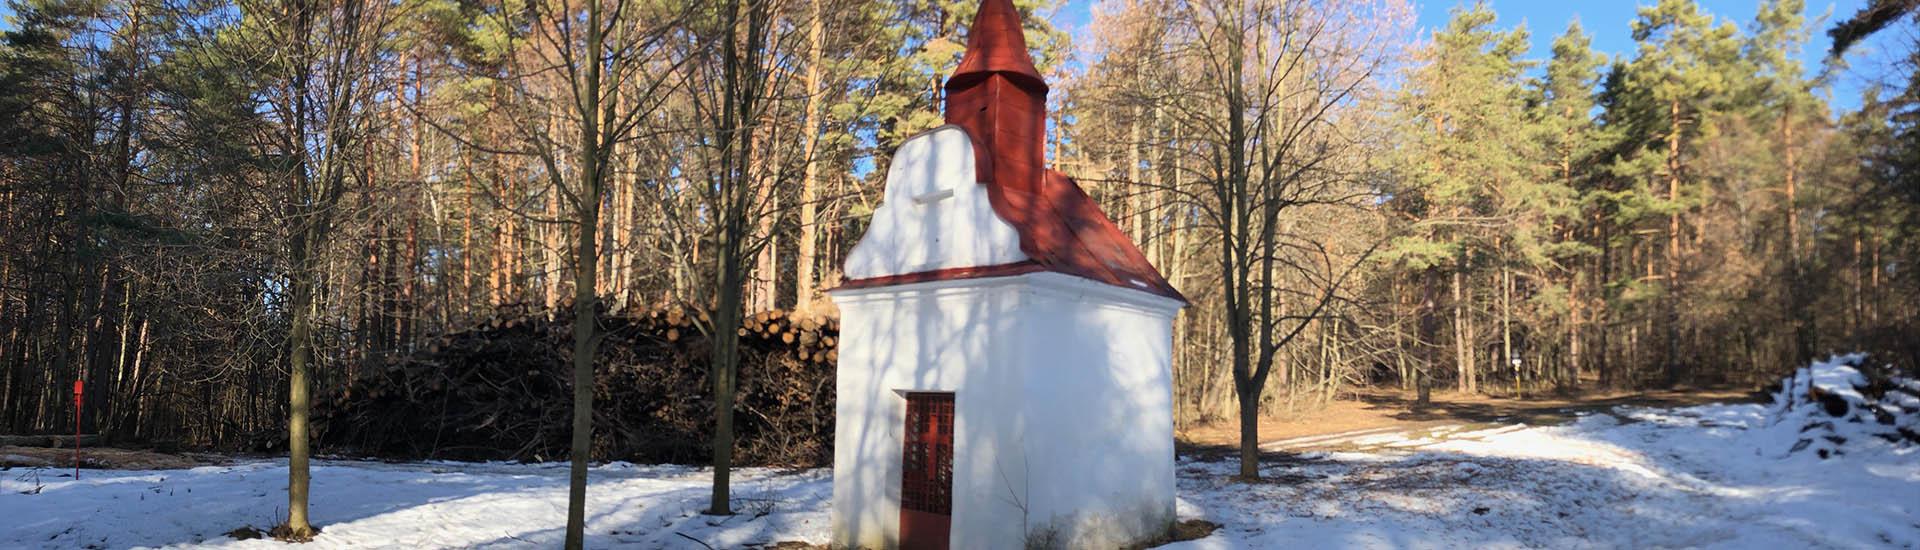 Svätý Vendelín